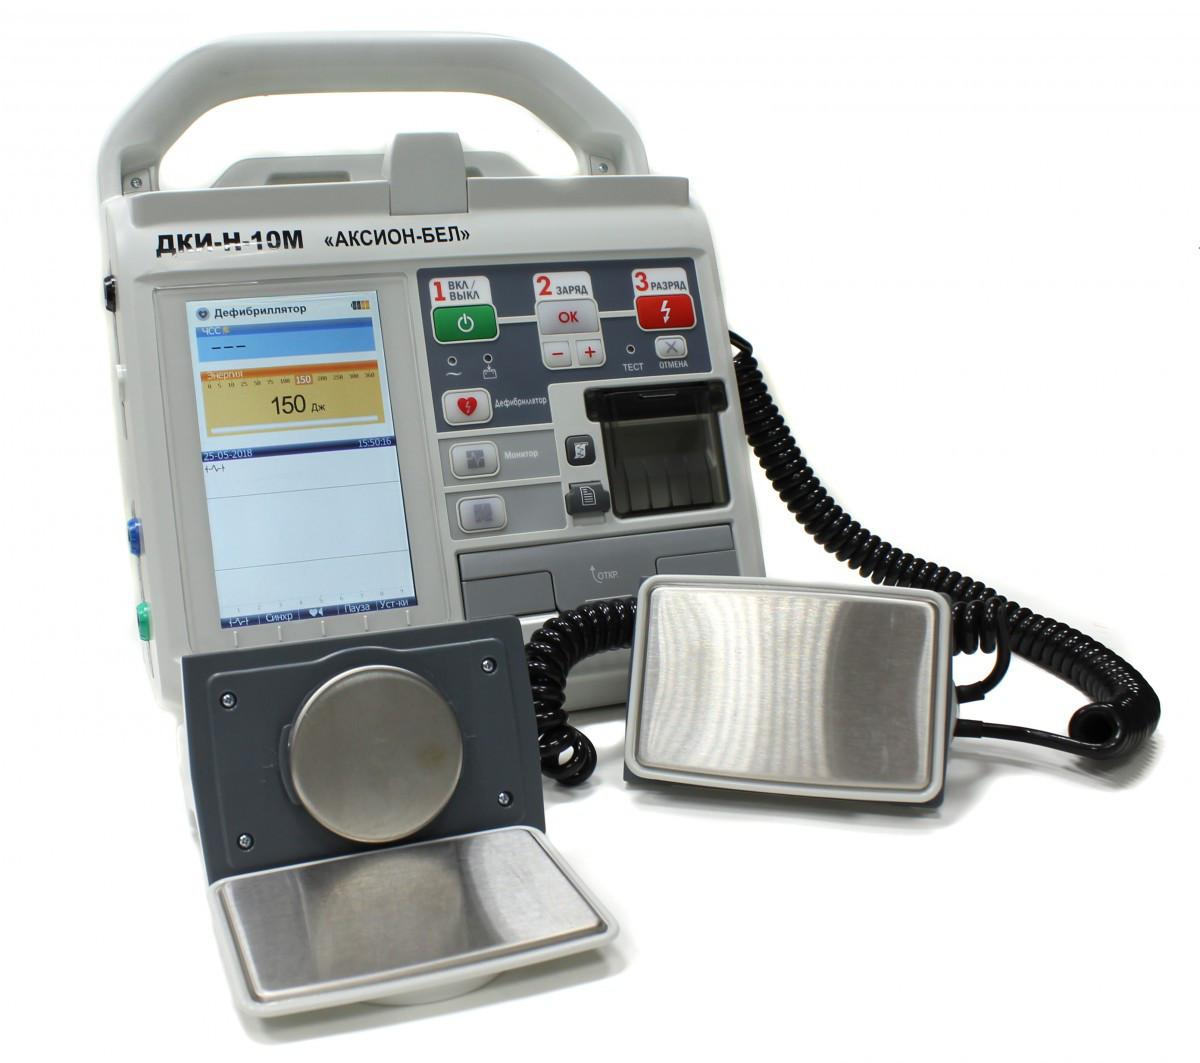 Дефибриллятор-монитор ДКИ-Н-10М